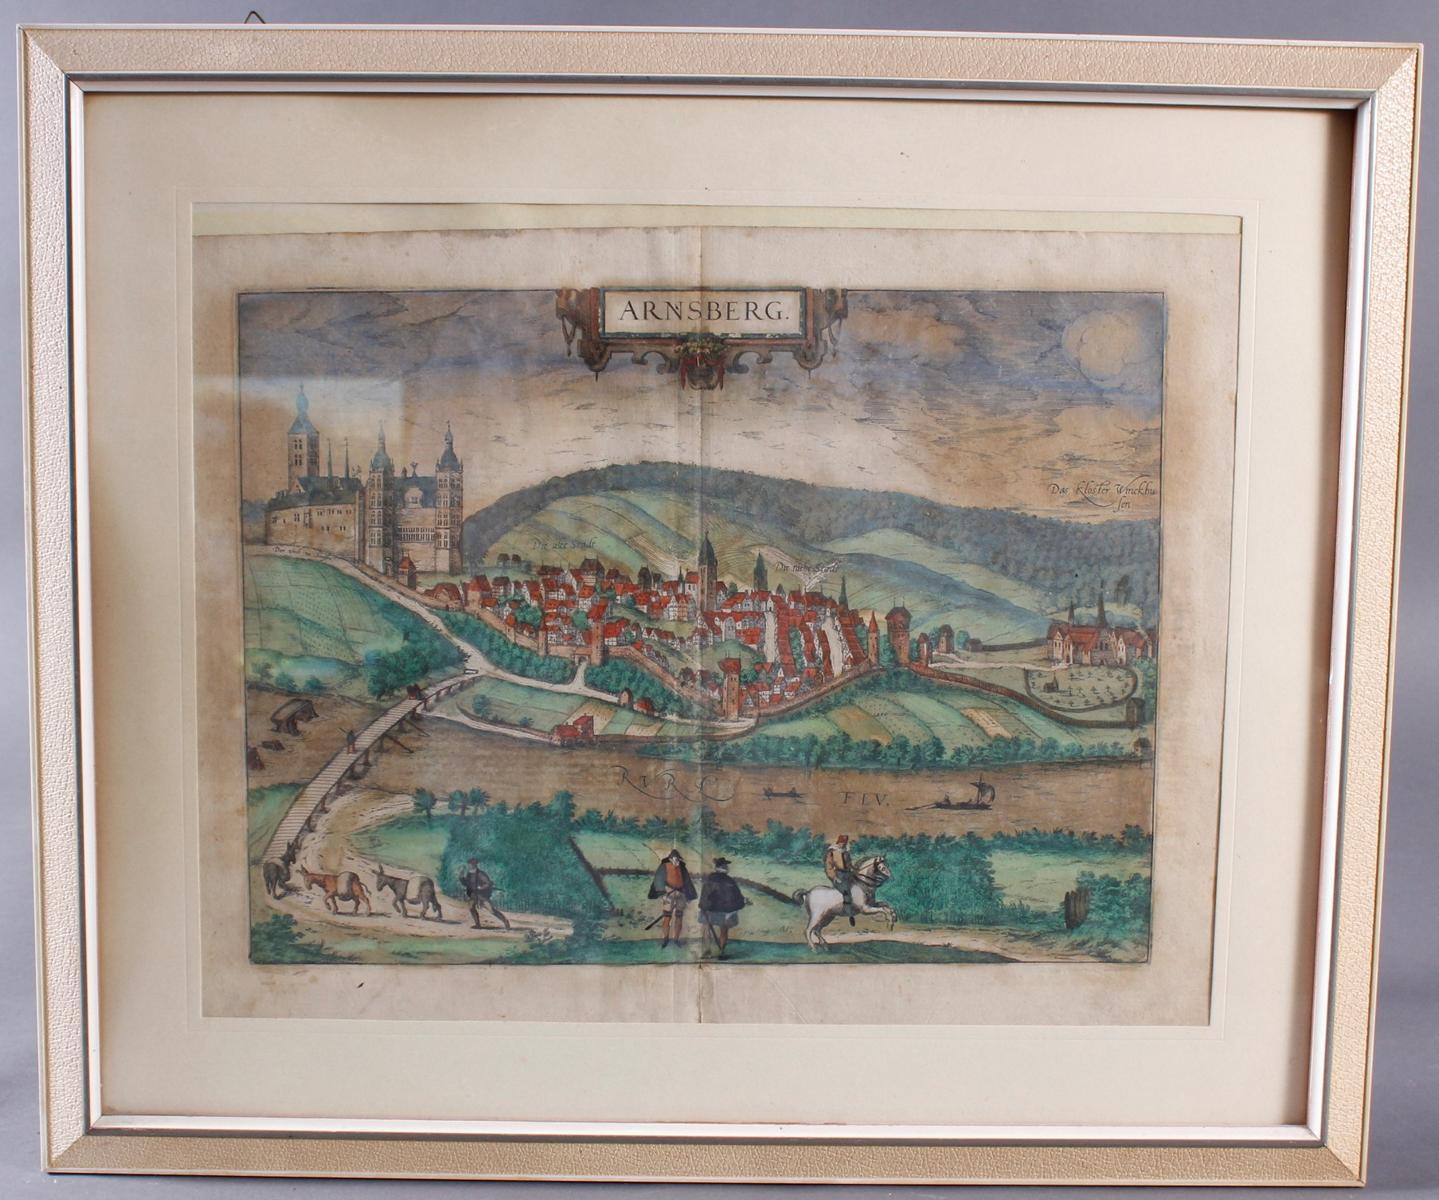 Barocker Kupferstich, Stadtansicht von Arnsberg wohl 17. Jahrhundert